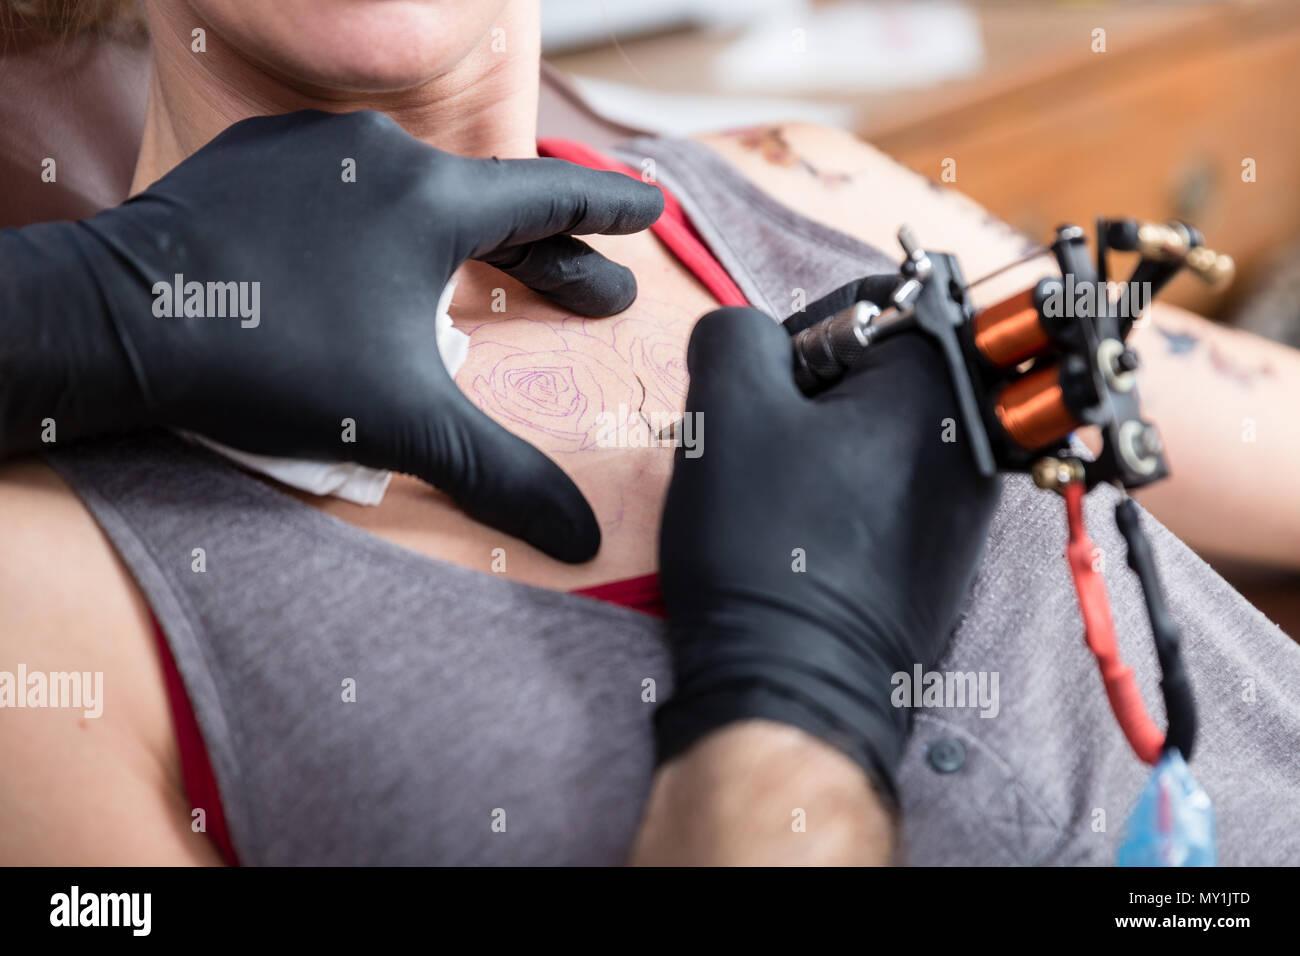 Close-up de las manos de un hábil artista haciendo el contorno de un tatuaje Imagen De Stock